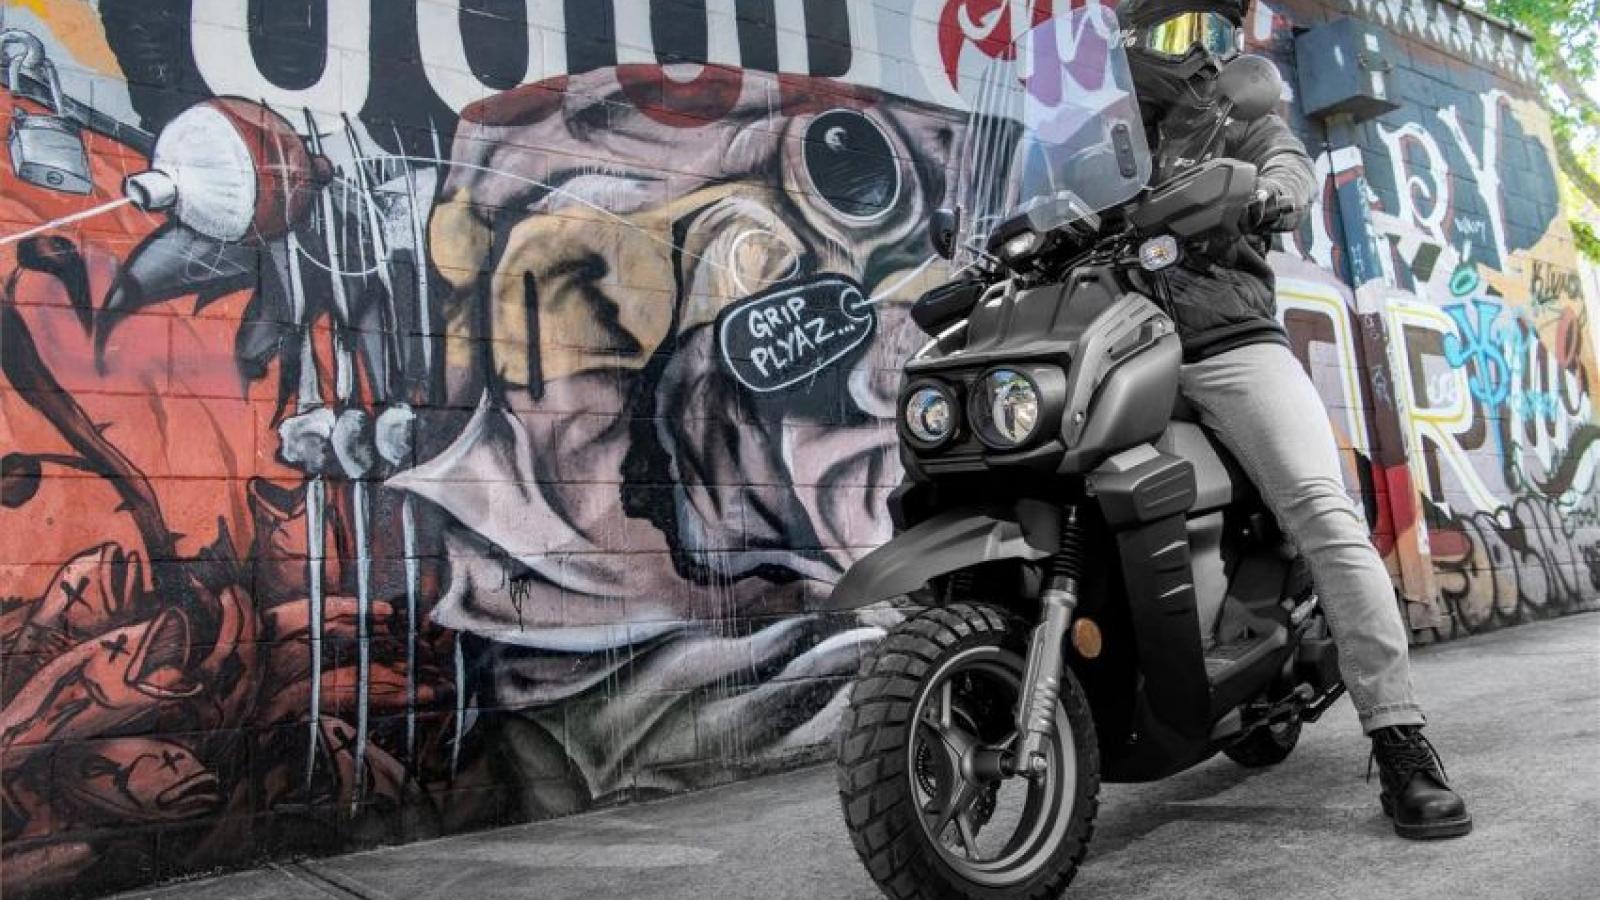 Yamaha ra mắt xe tay ga cho nam giới - Zuma 125 2022